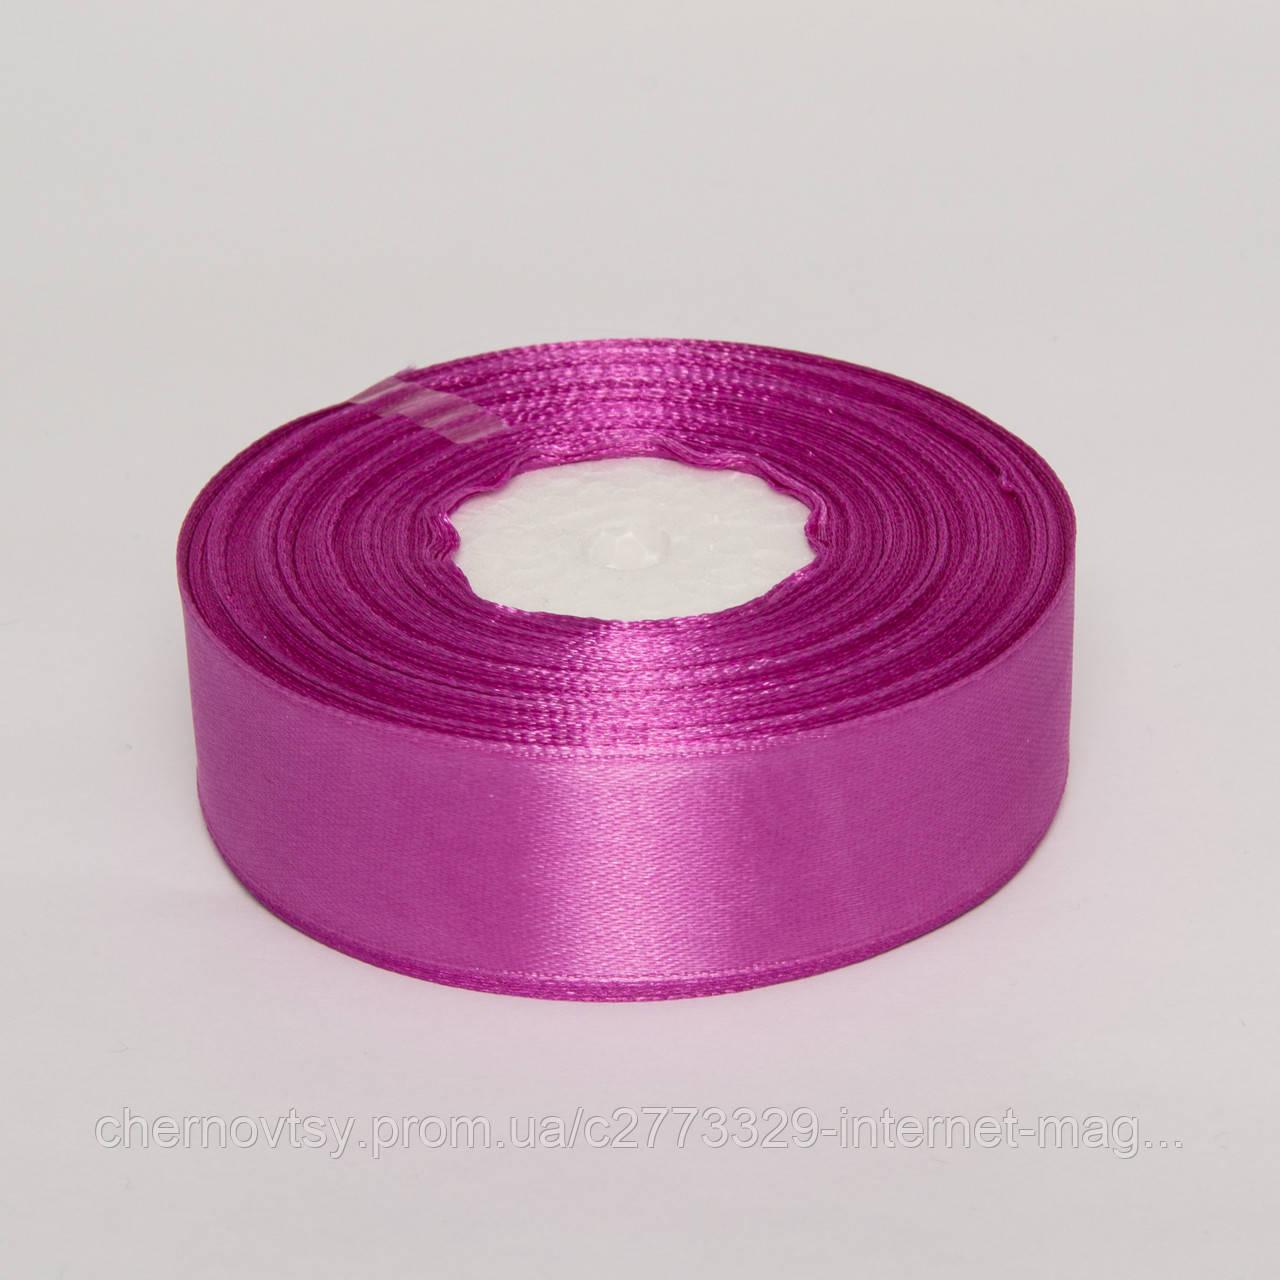 Лента атлас 0.6 см, 33 м, № 65 Светло-фиолетовая